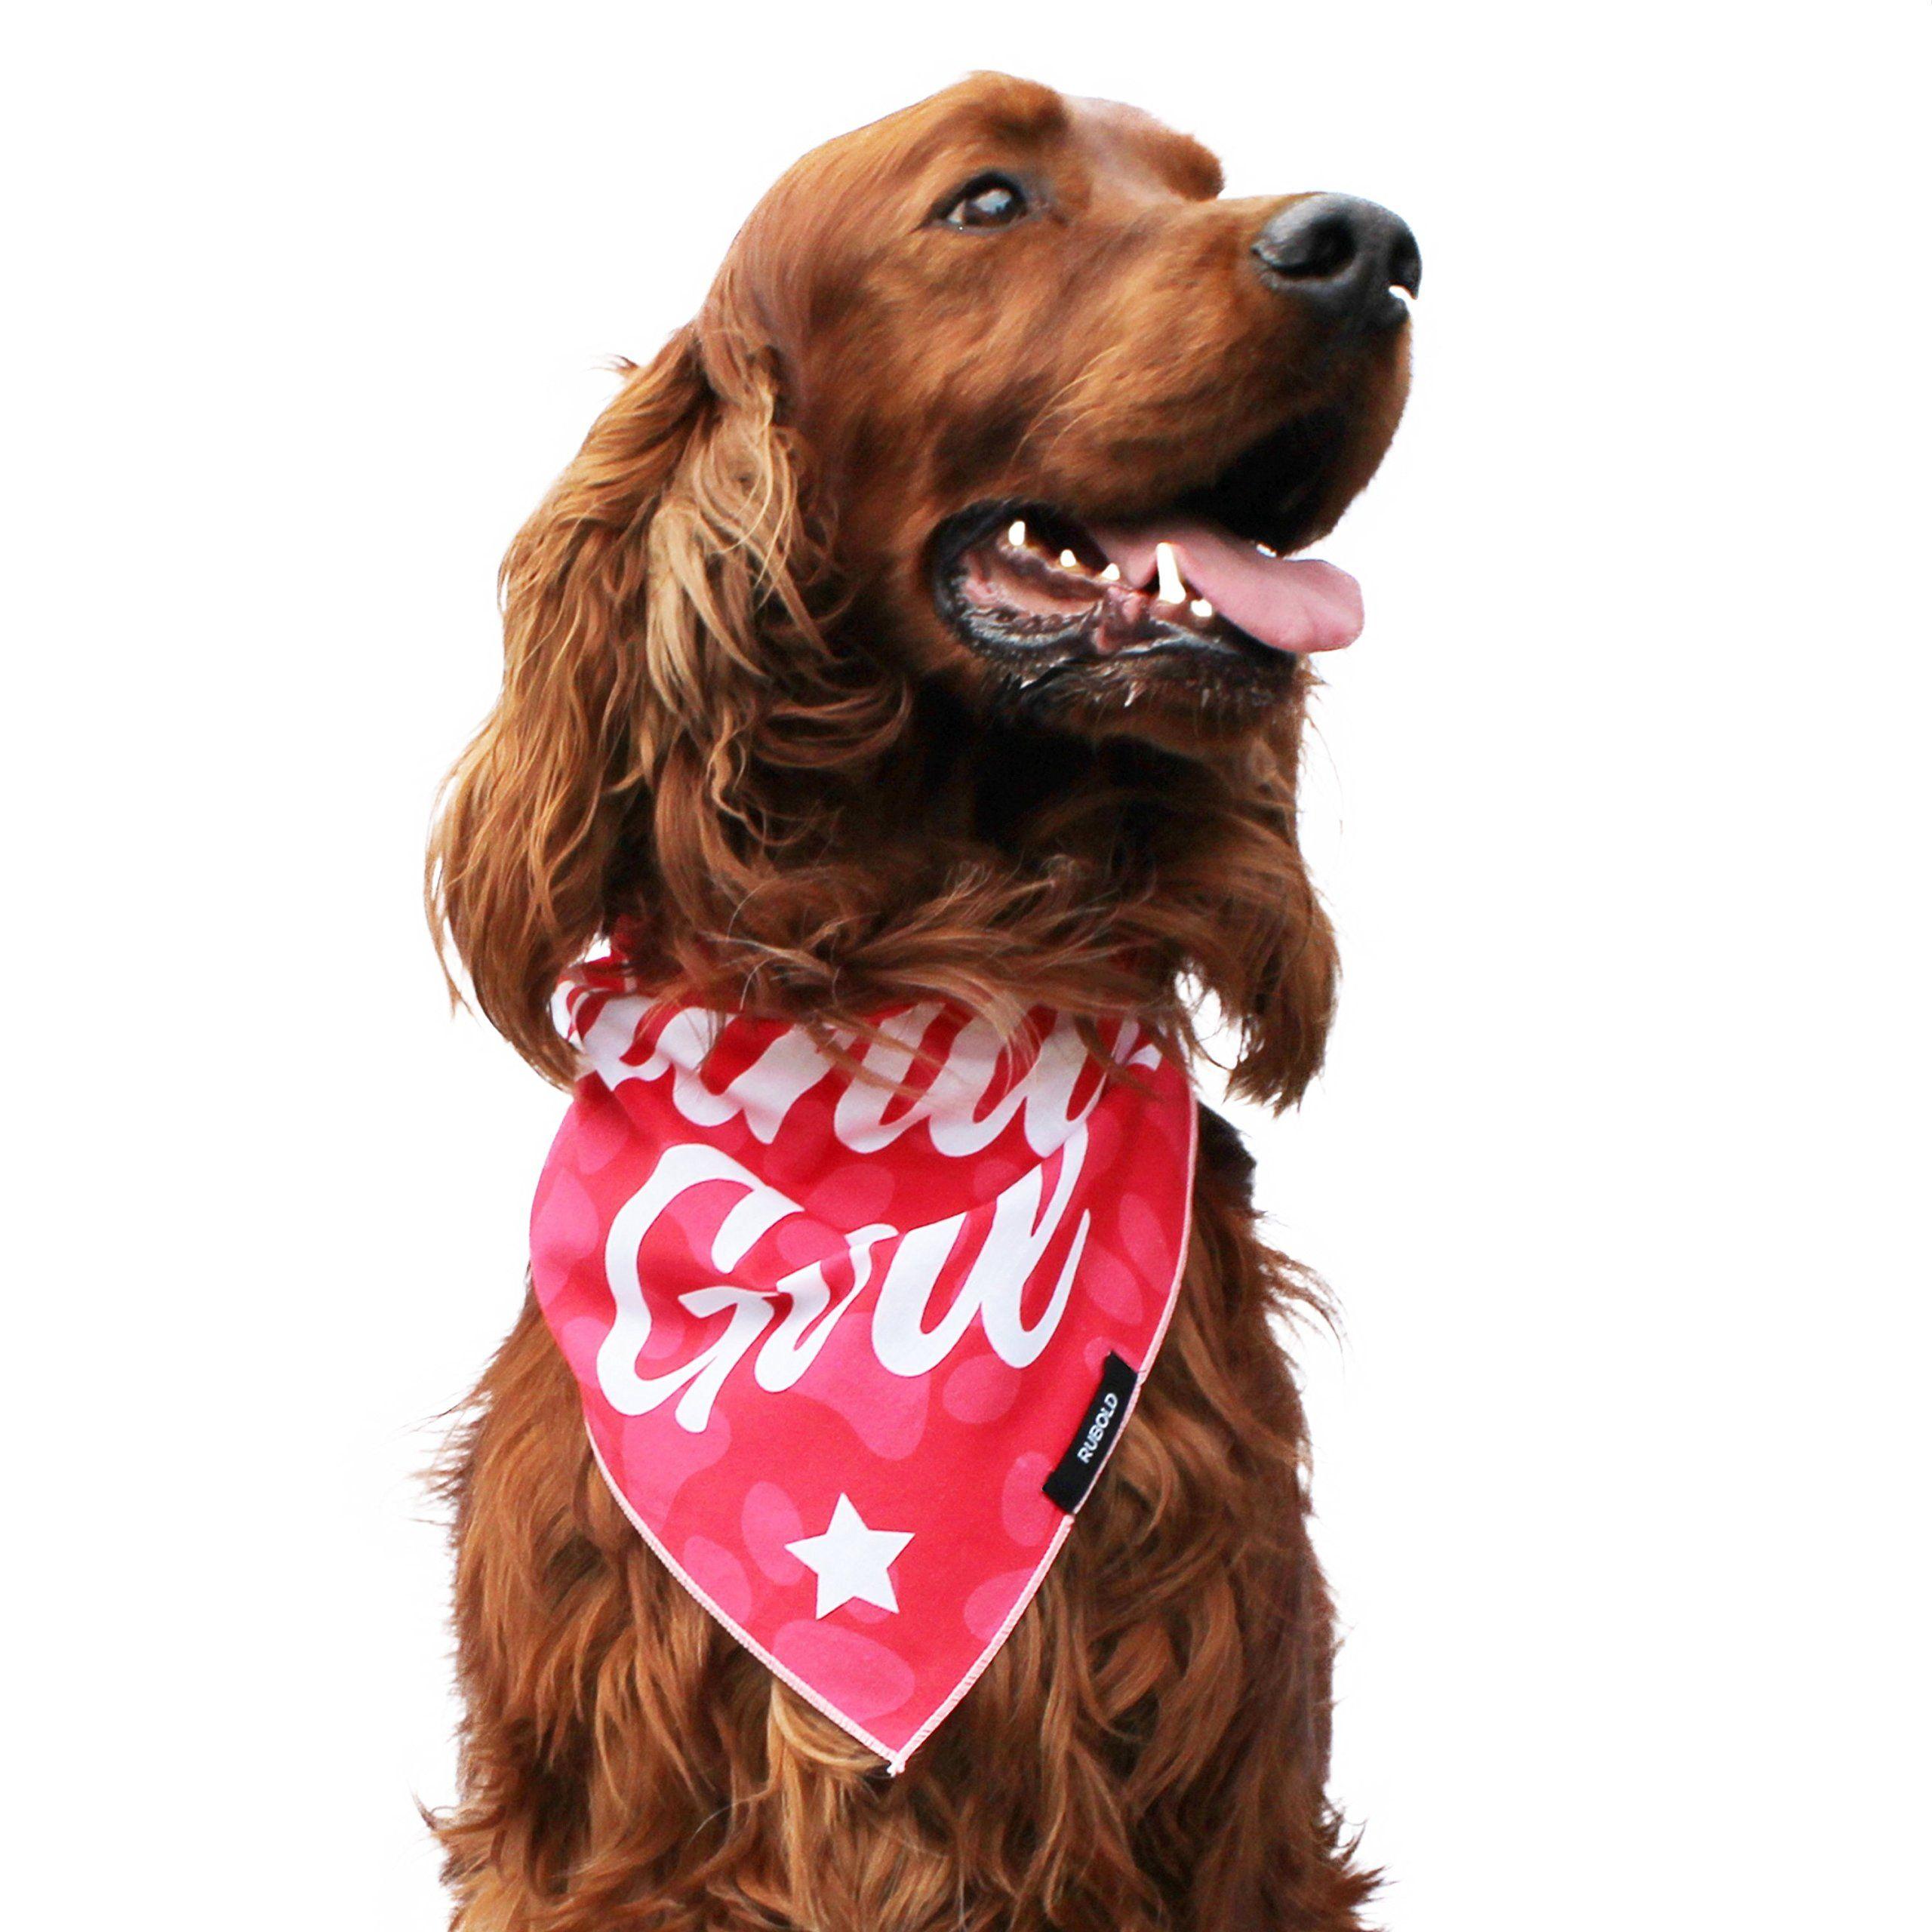 Medium Good Dog Bandana